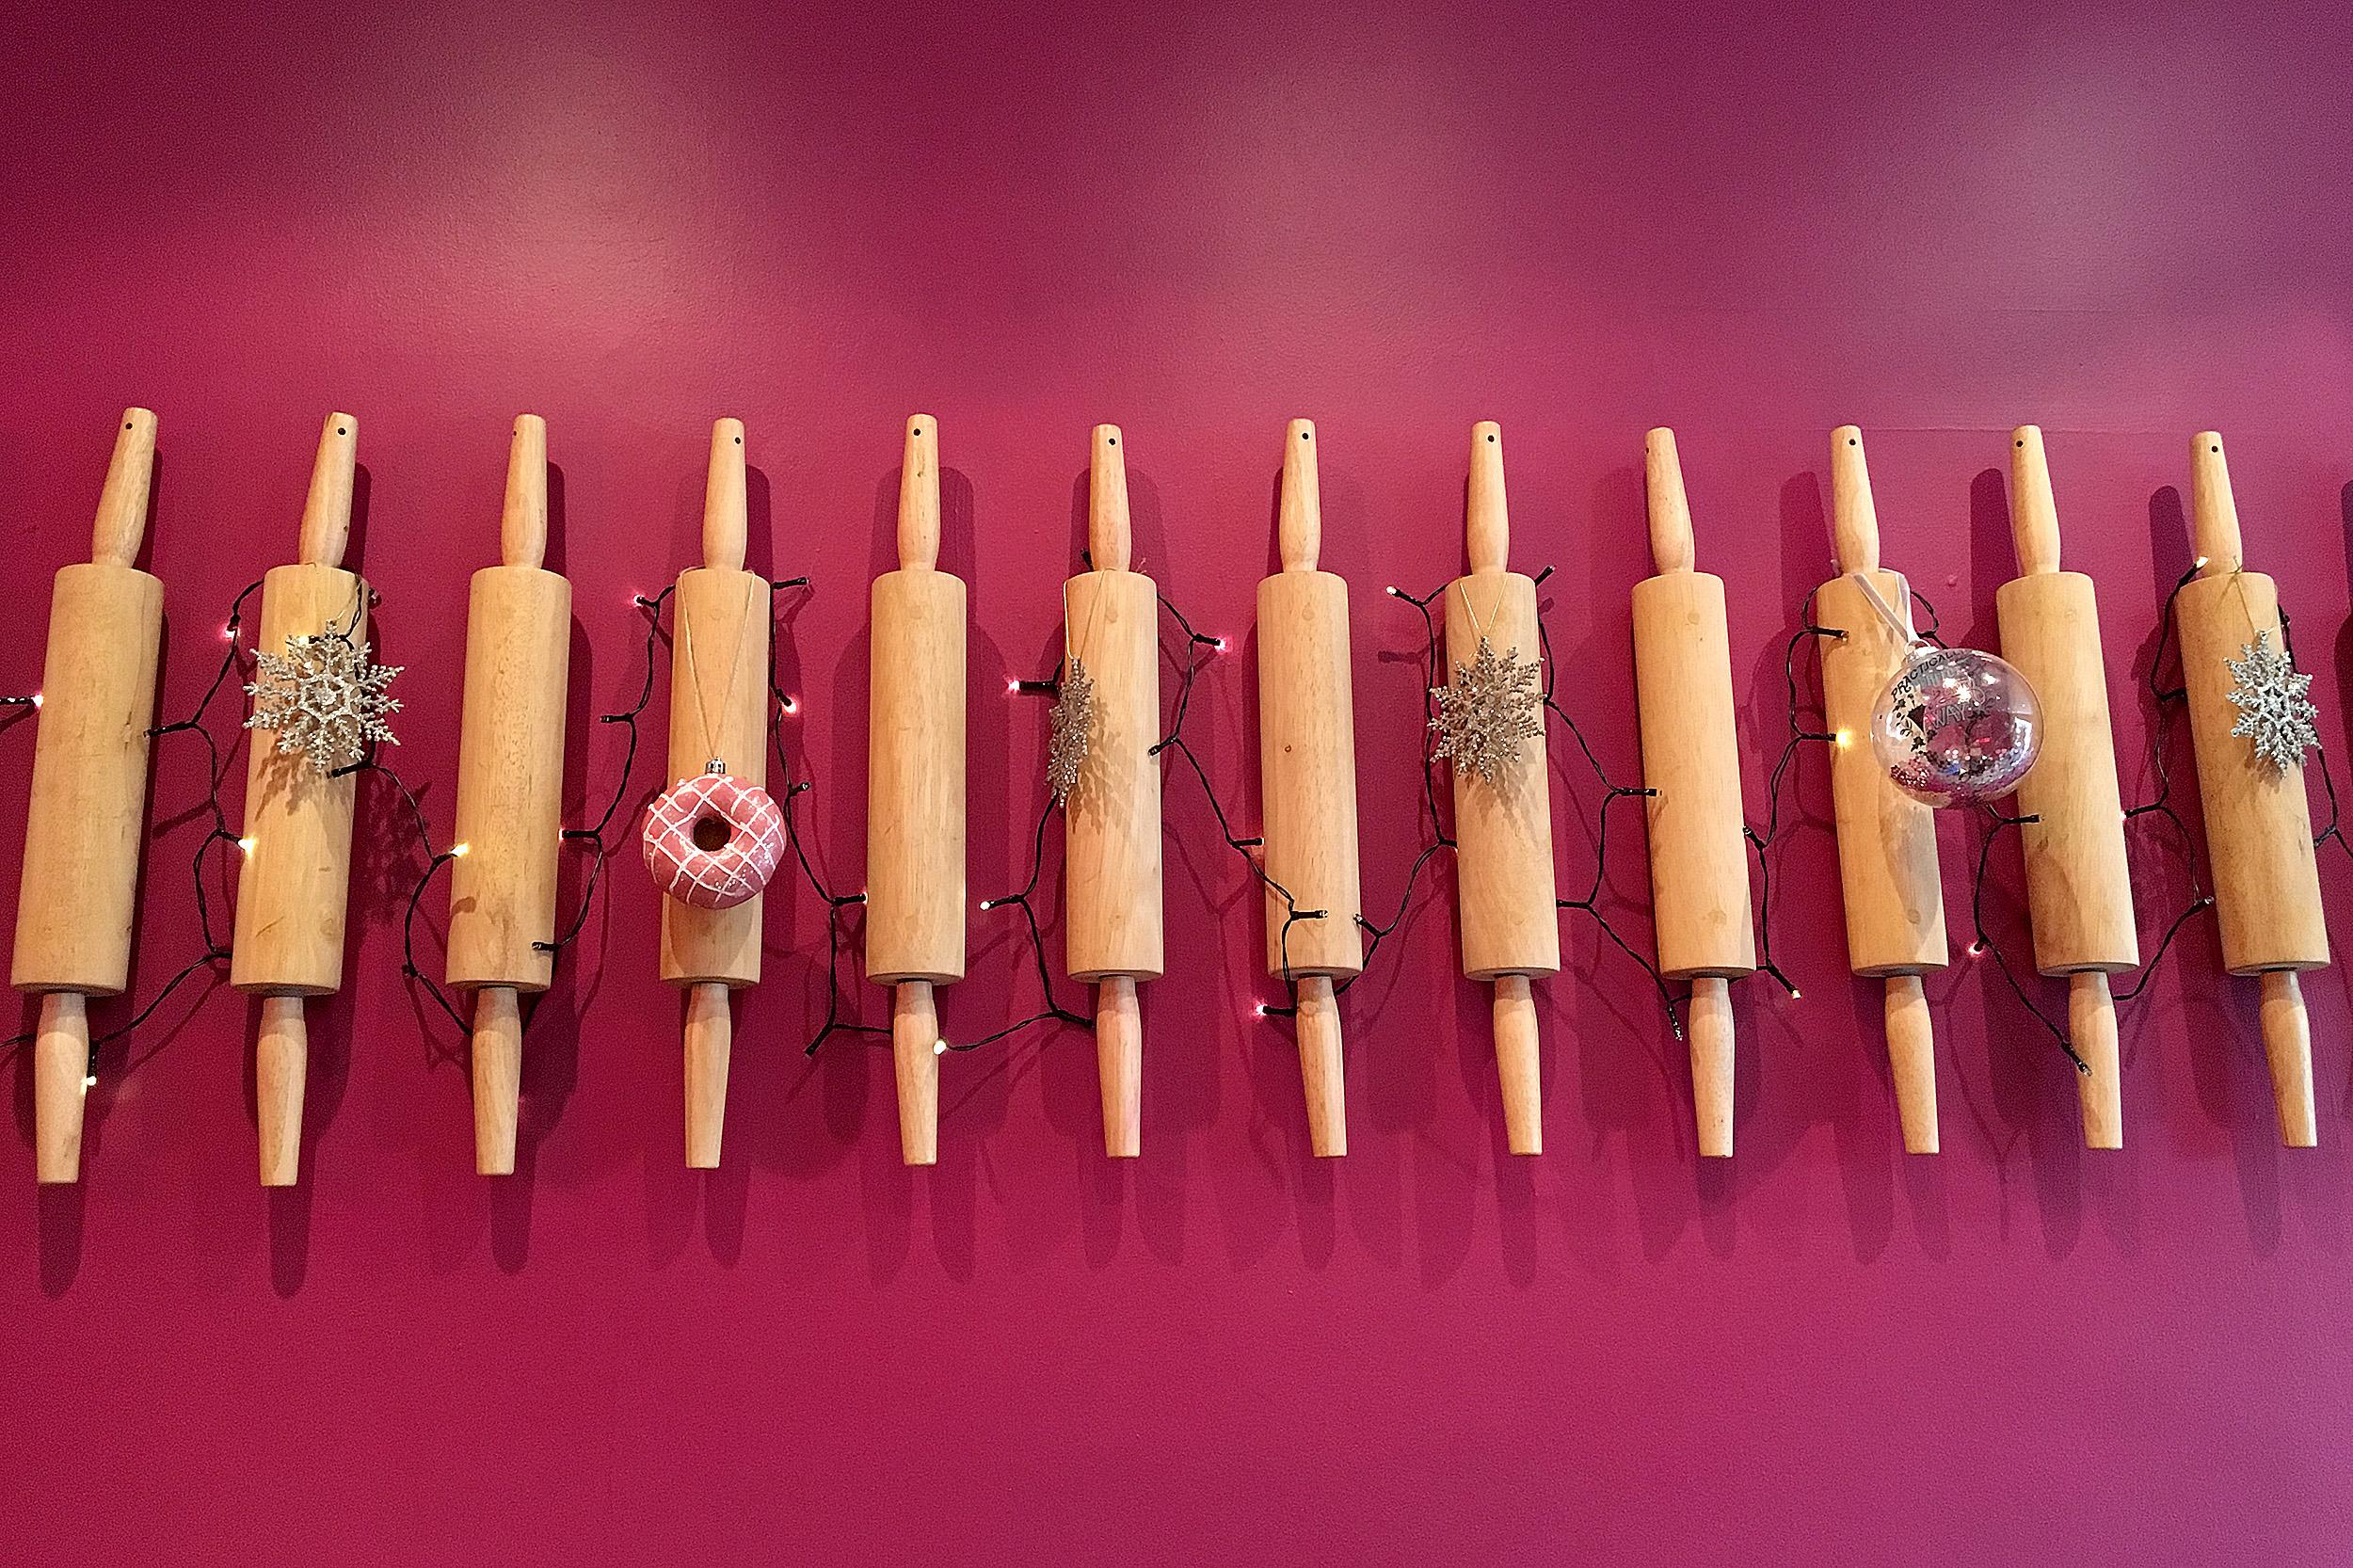 Rosa vägg med brödkavlar The Bakehouse Dublin Irland